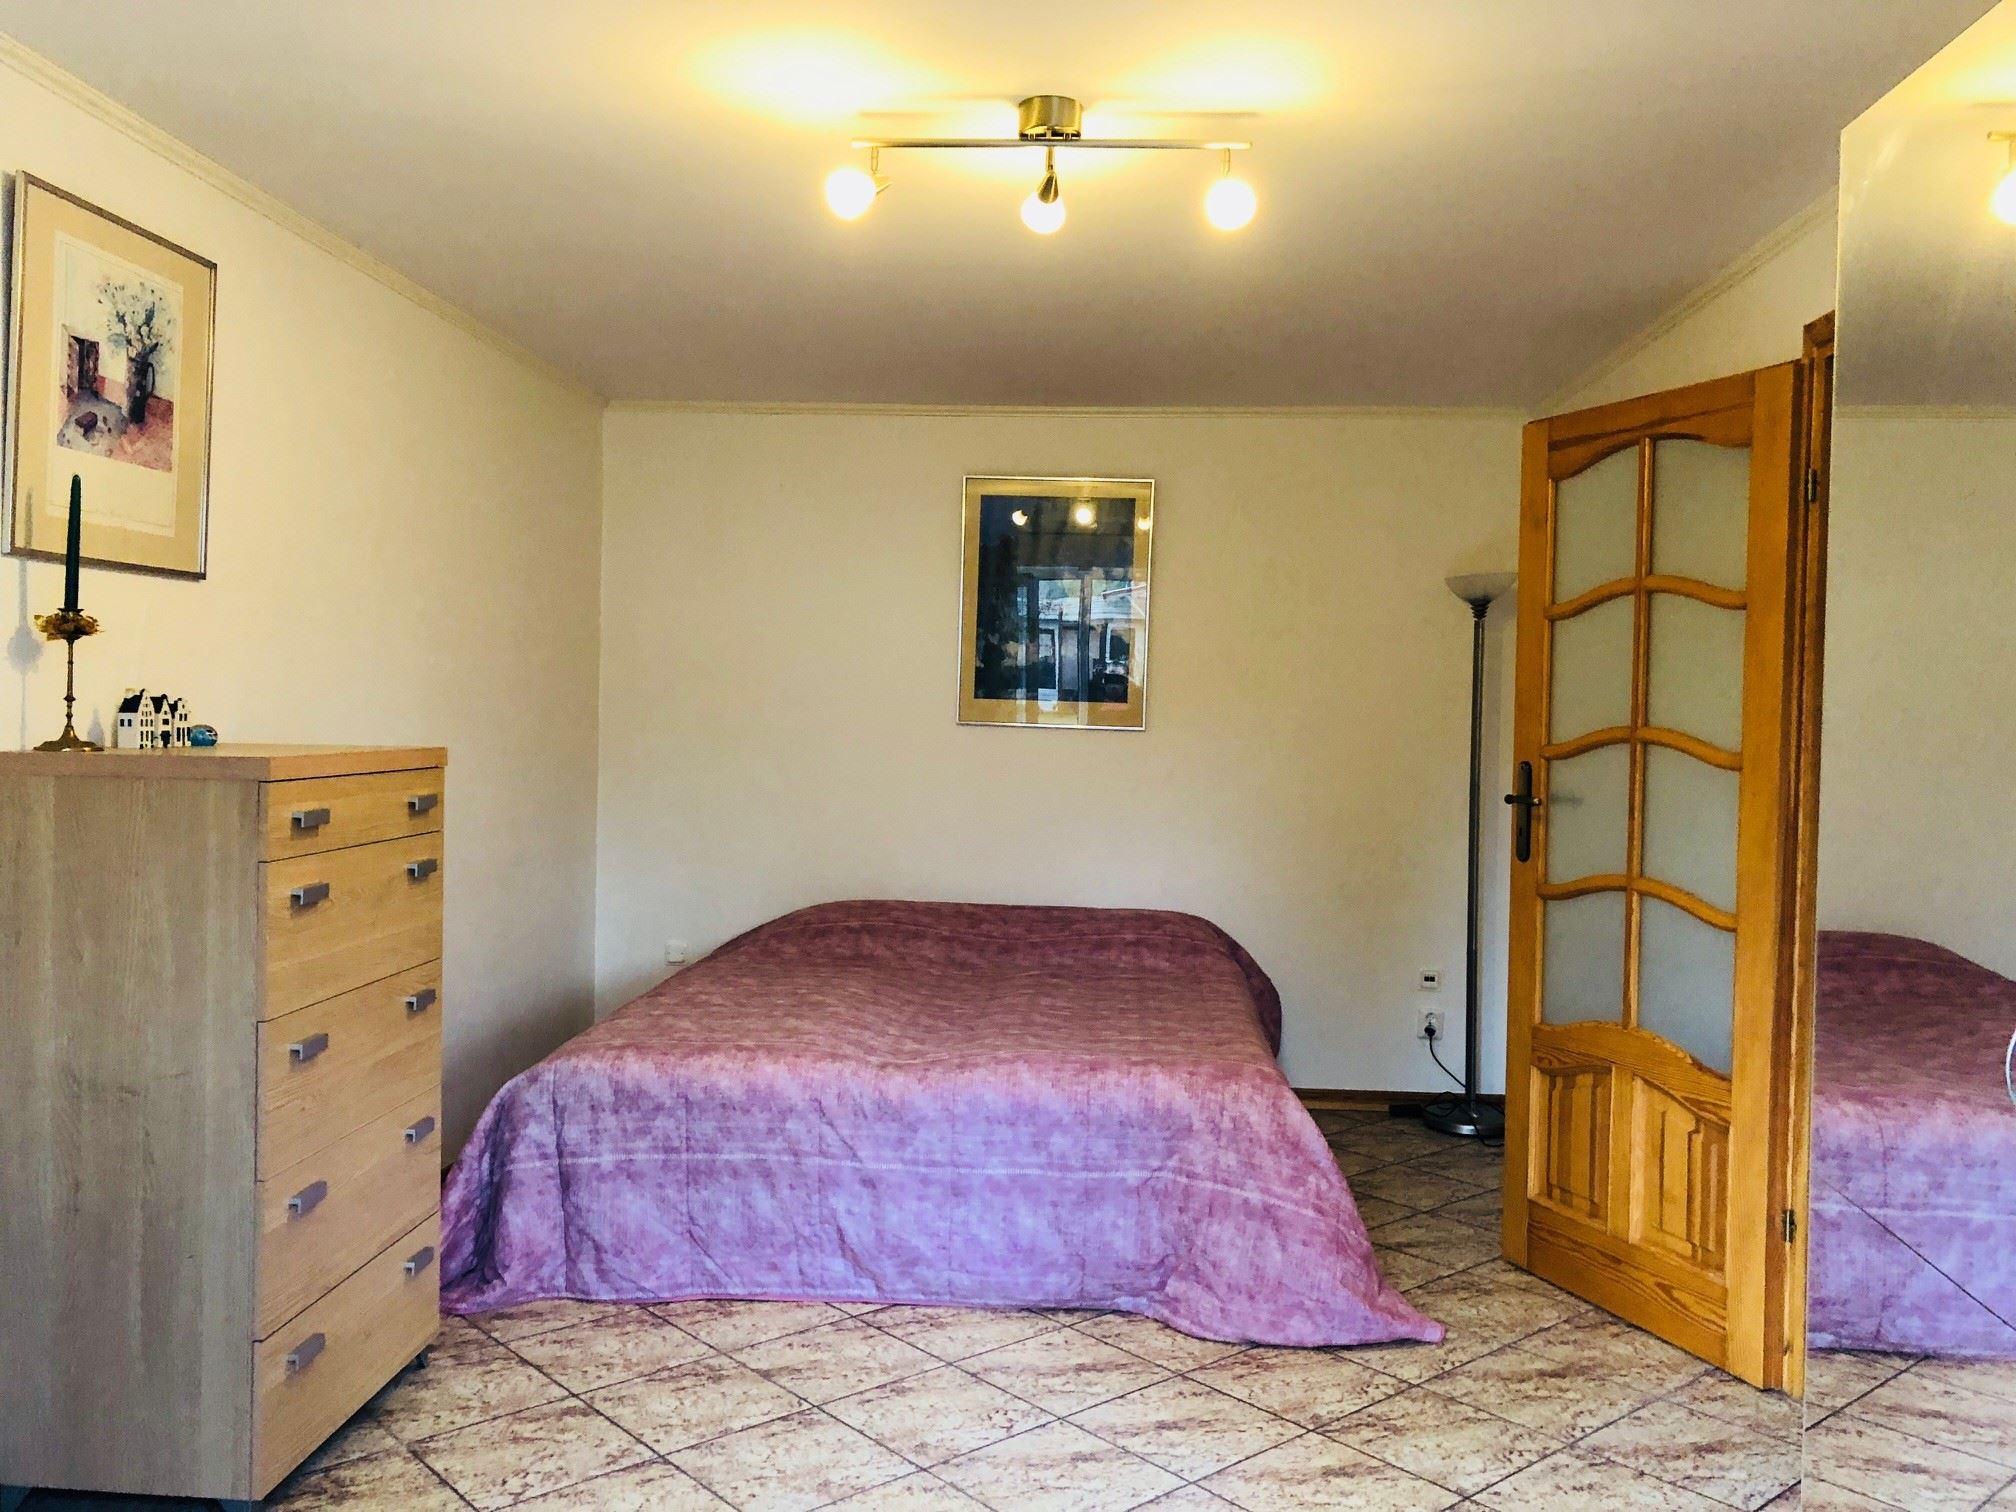 Haus mit 8 Betten